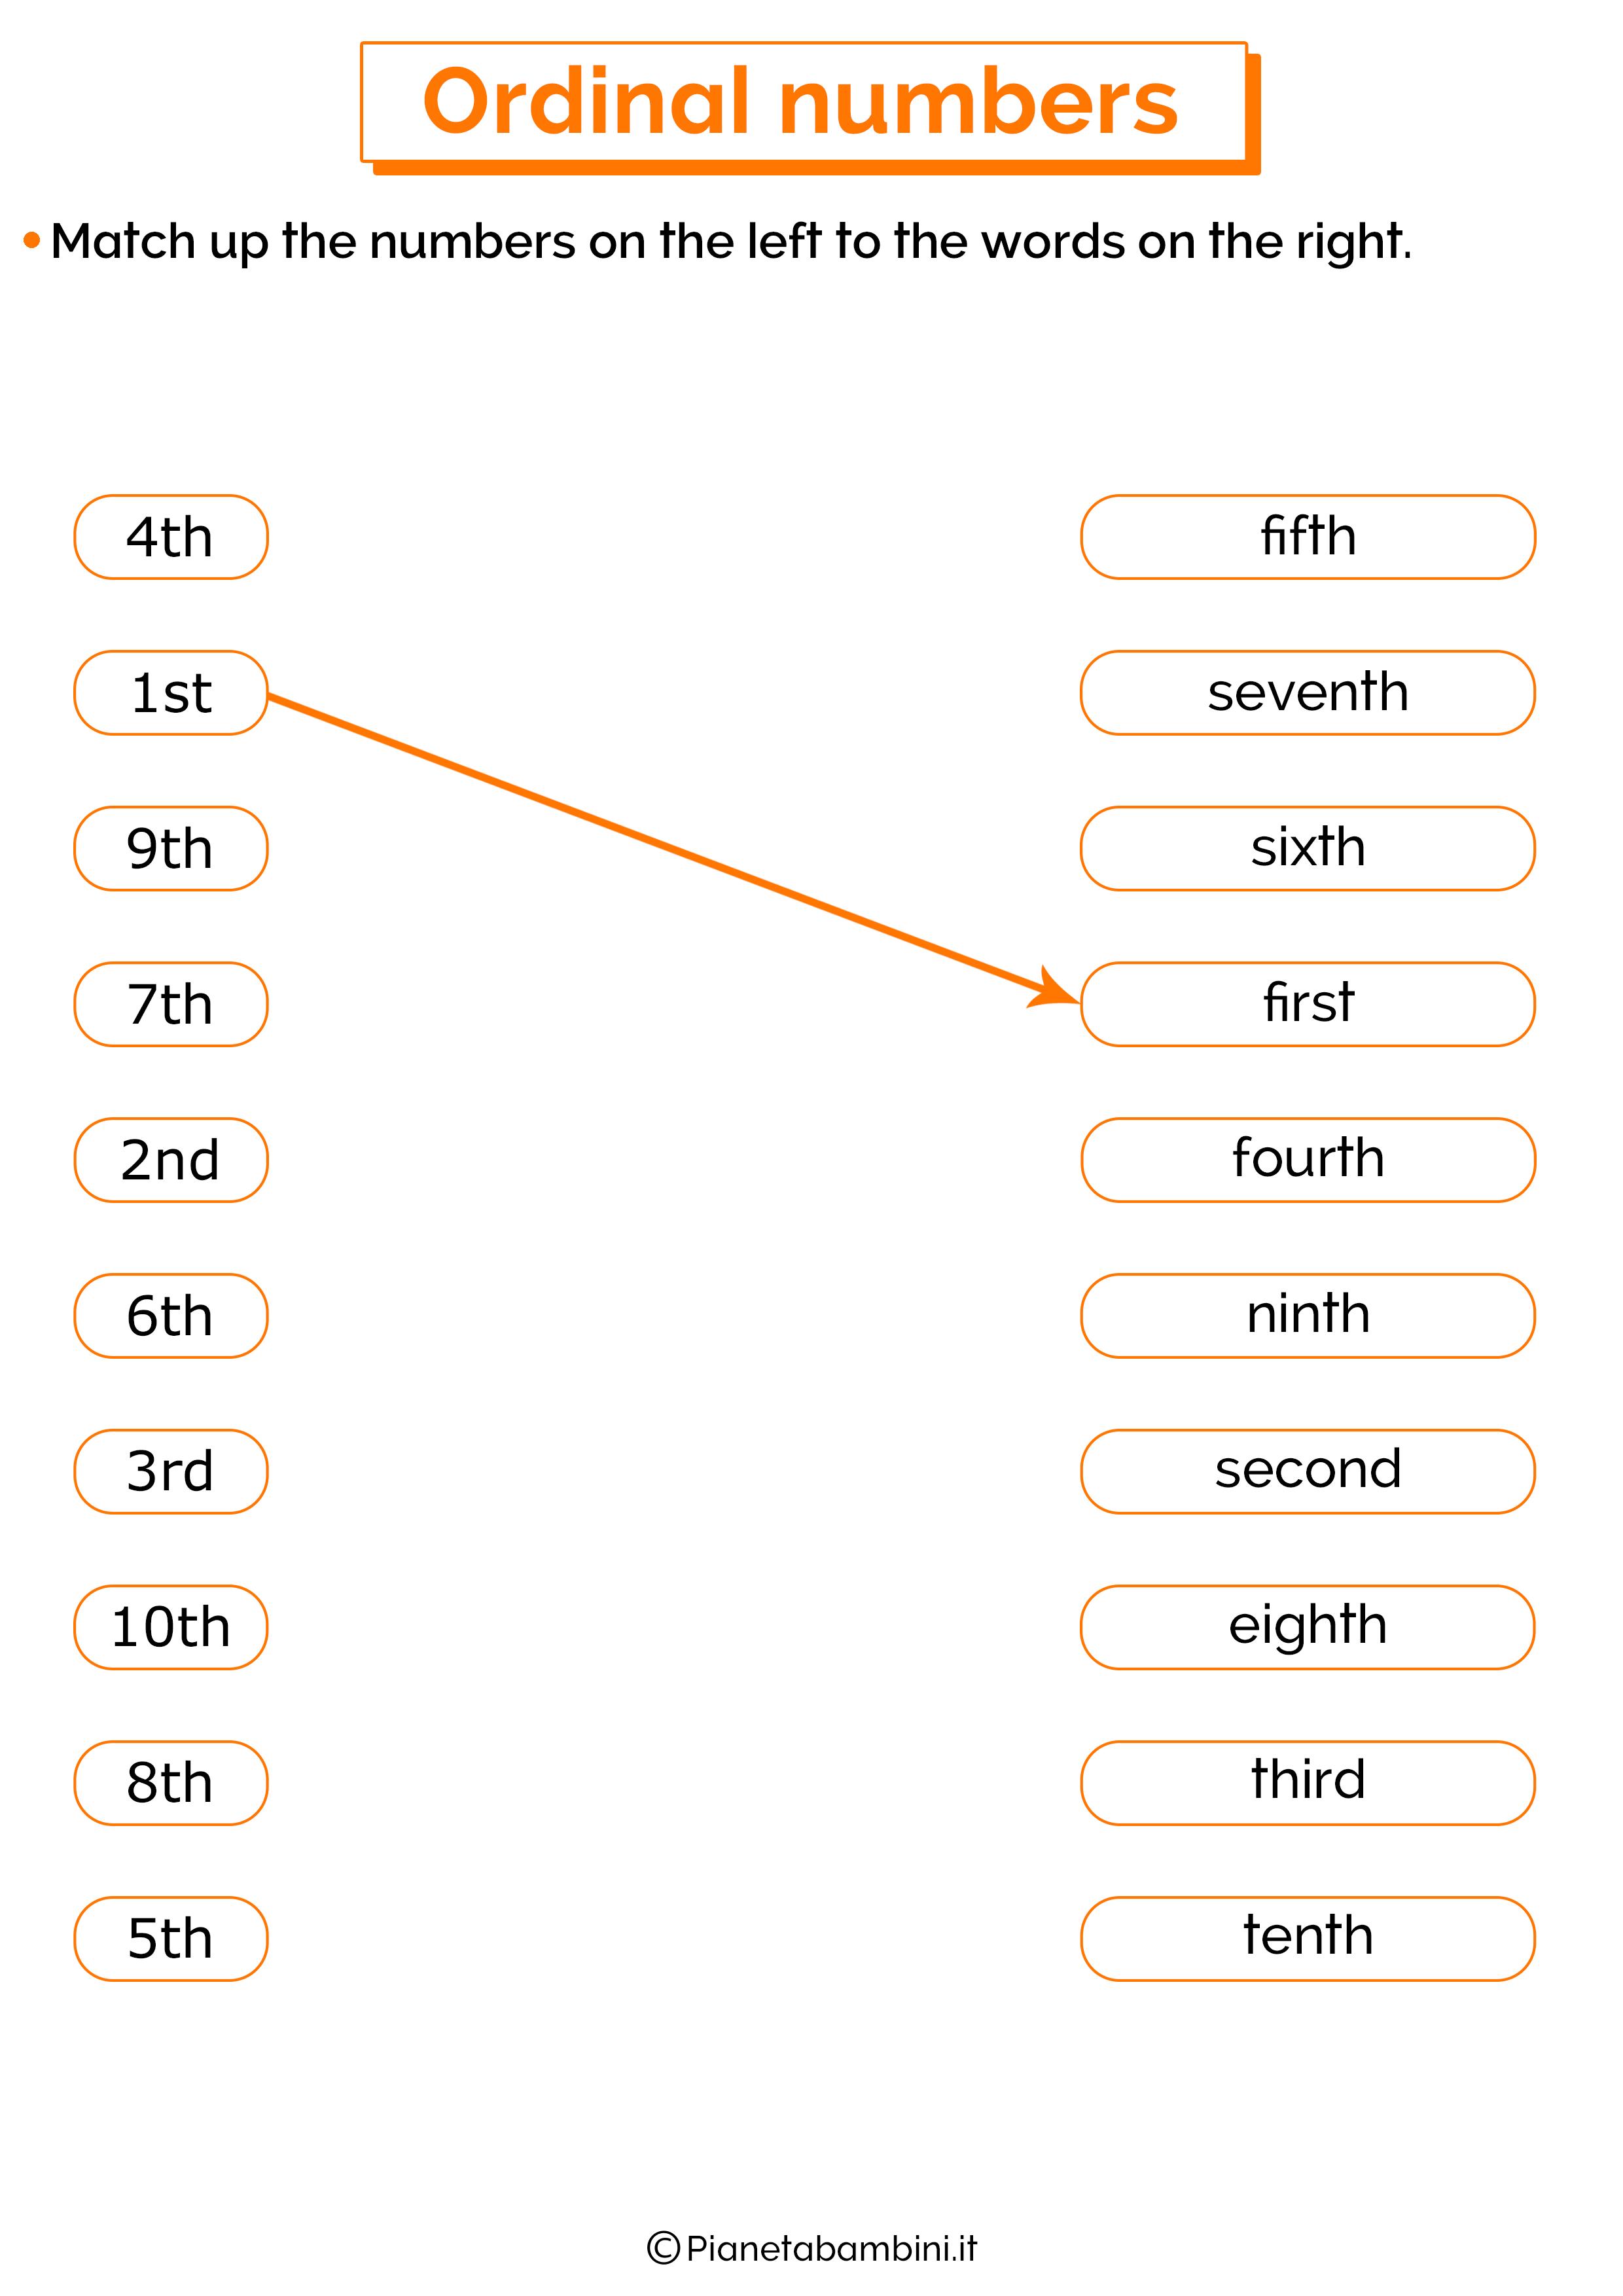 Scheda didattica sui numeri ordinali in inglese numero 13